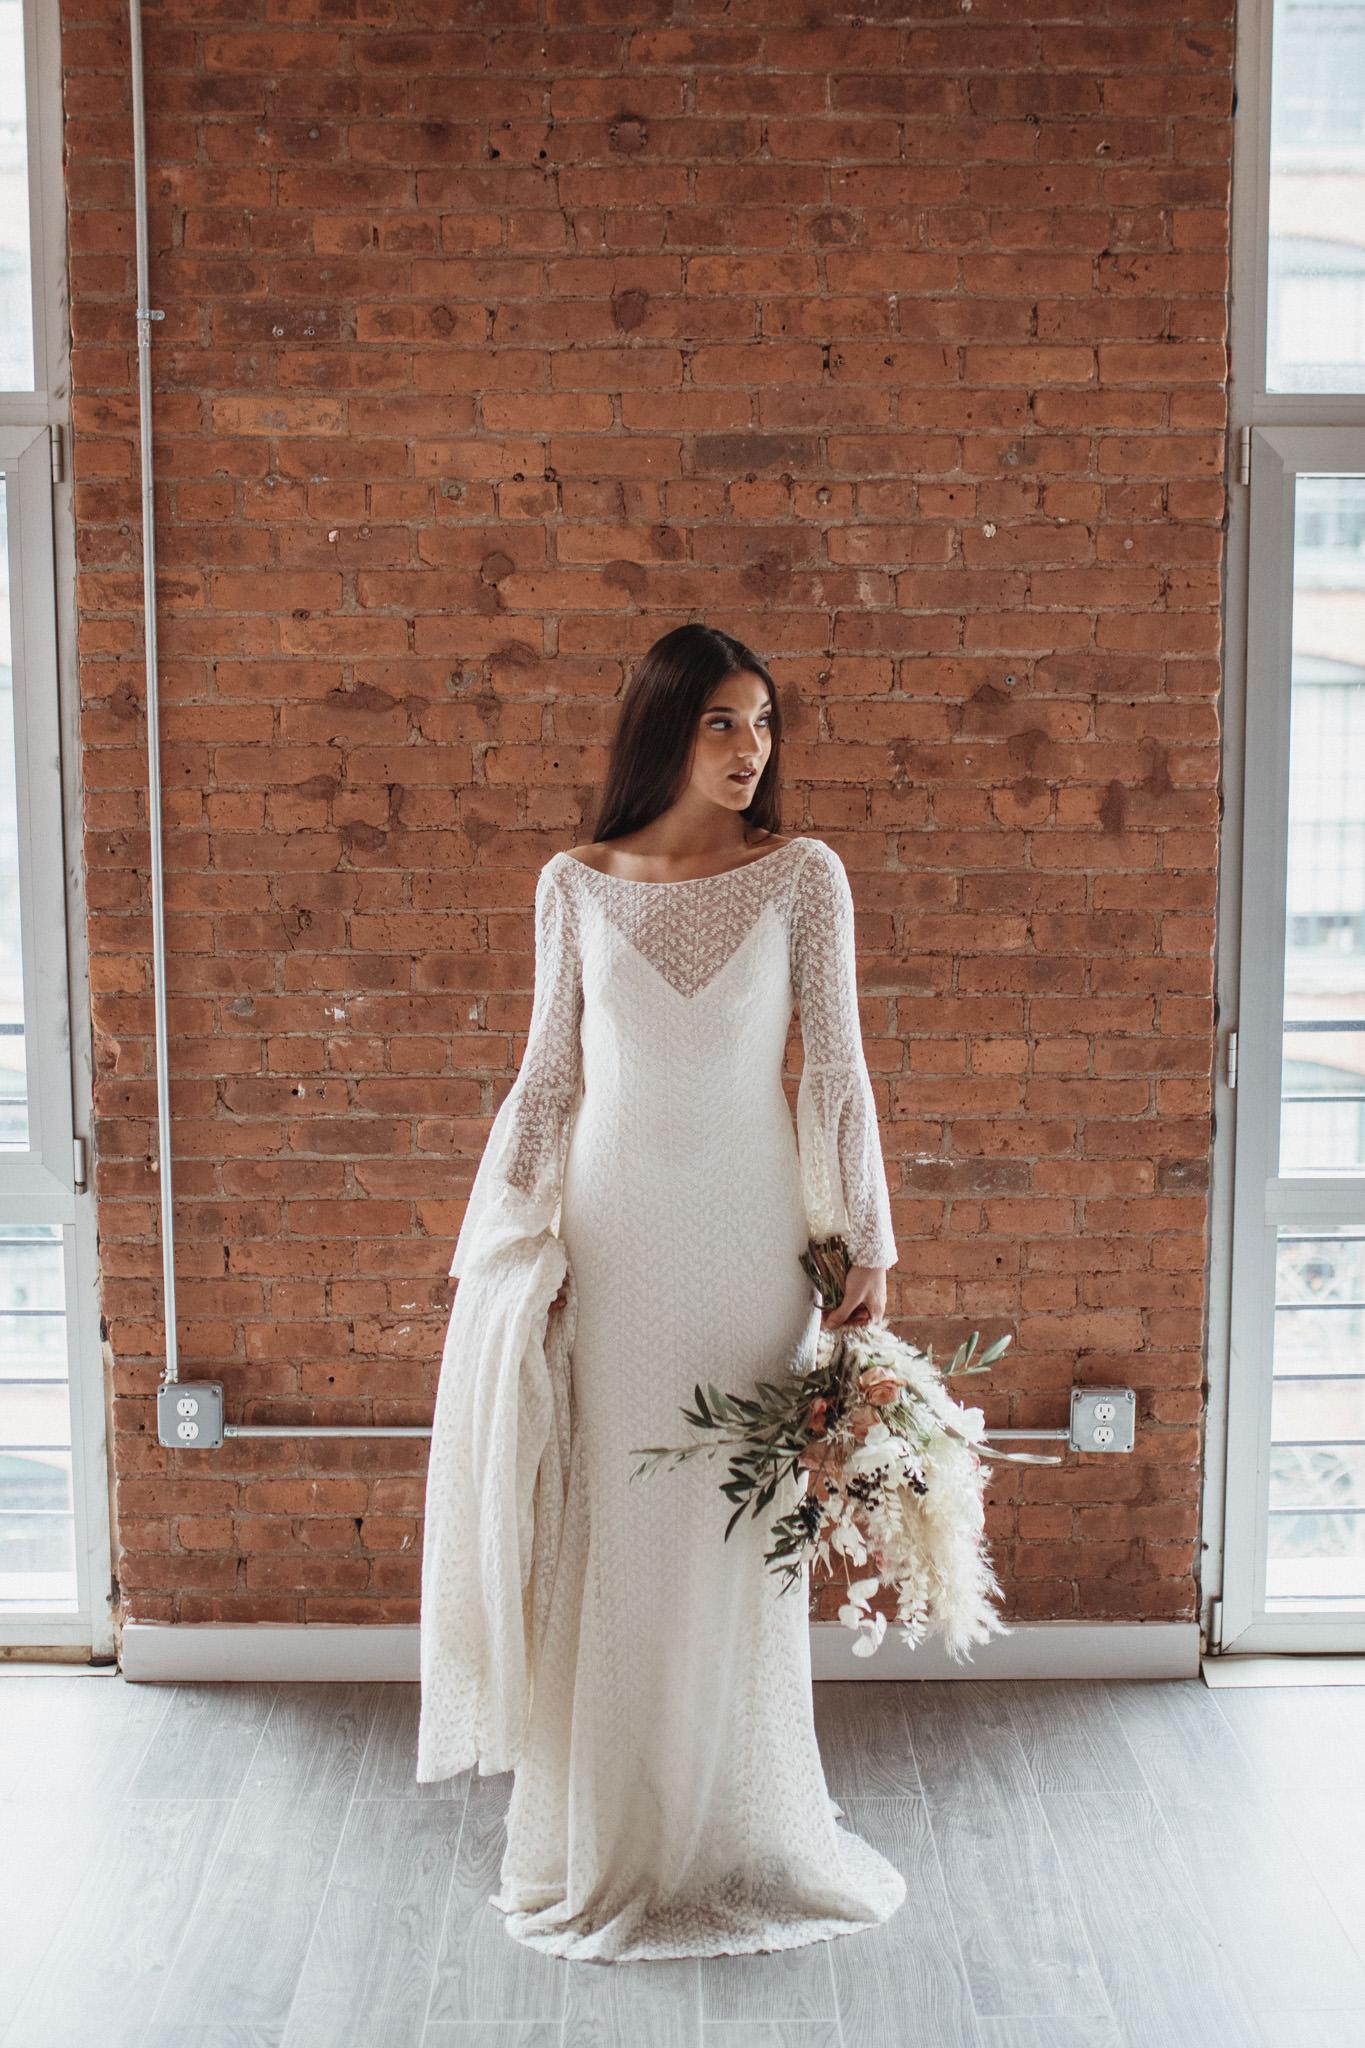 otaduy wedding dress brooklyn 5 1